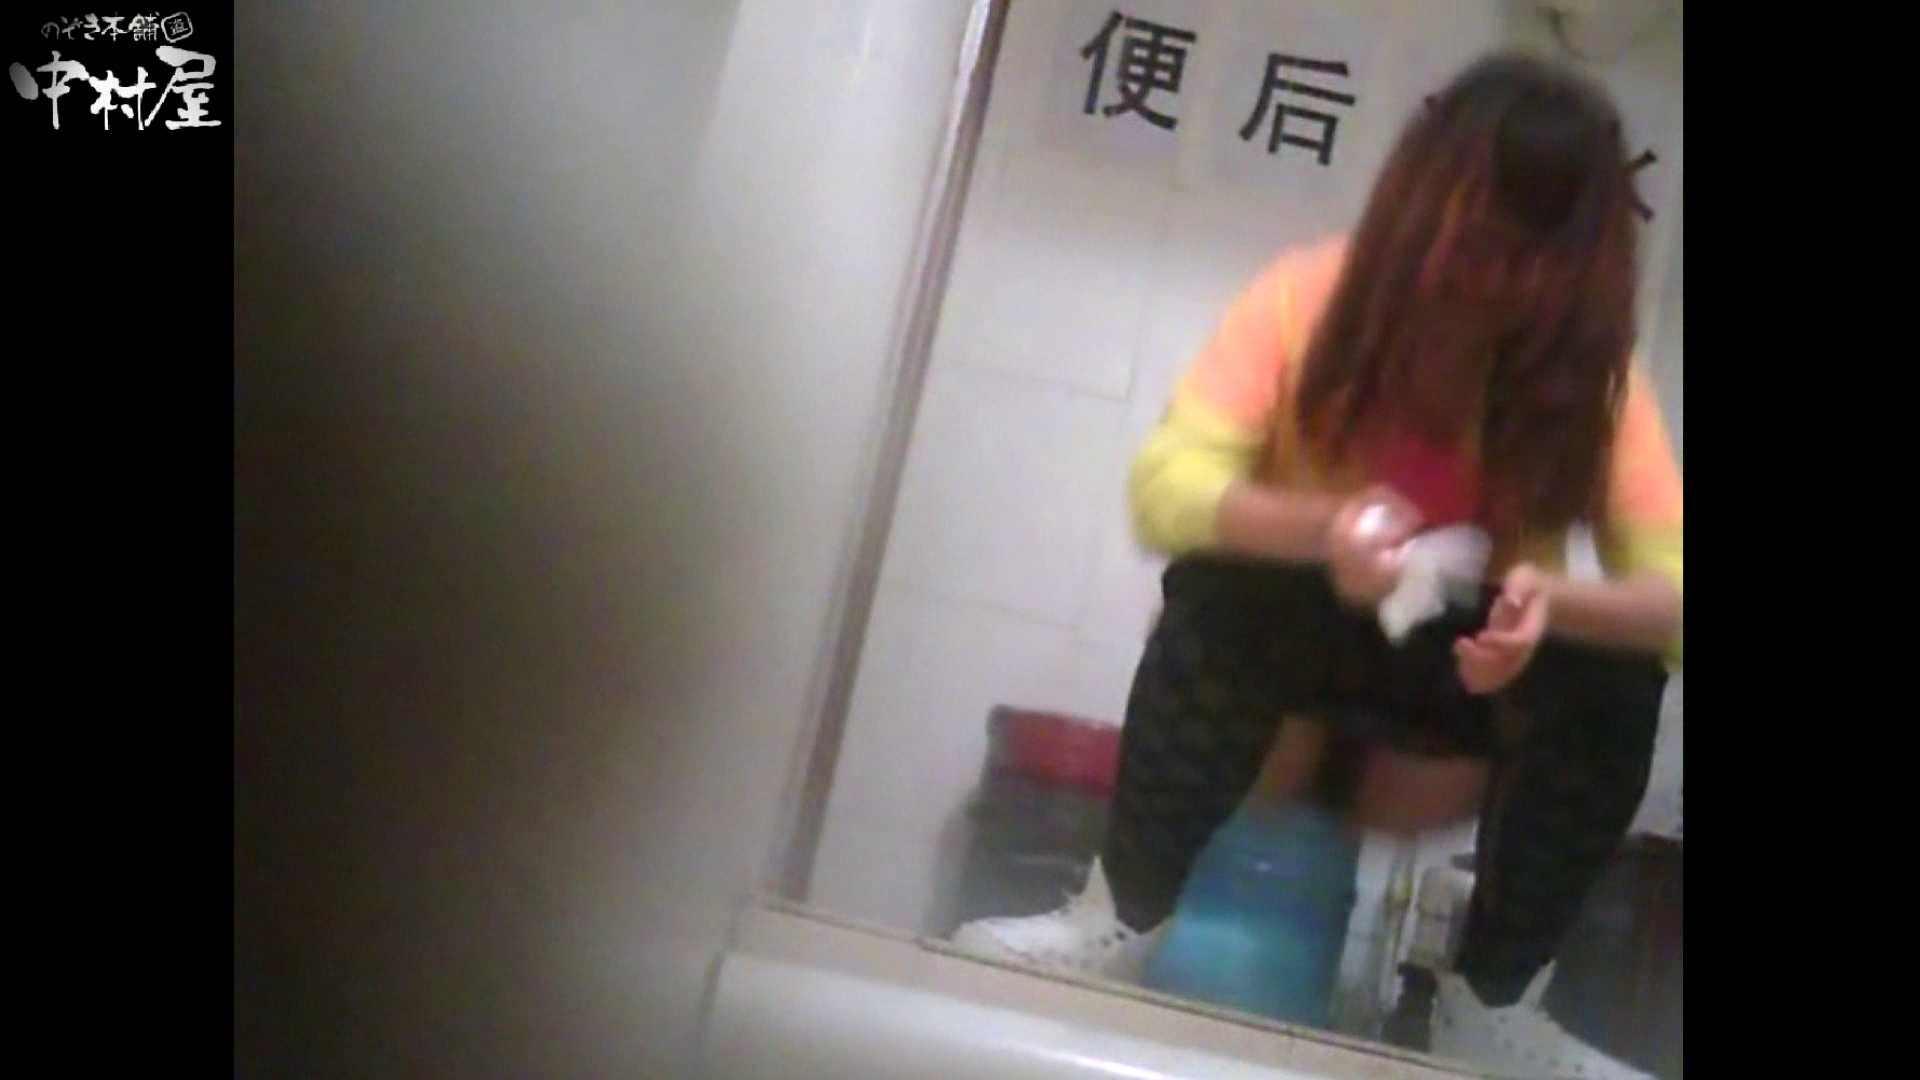 李さんの盗撮日記 Vol.04 トイレの中まで   エロいギャル 盗撮 9枚 1